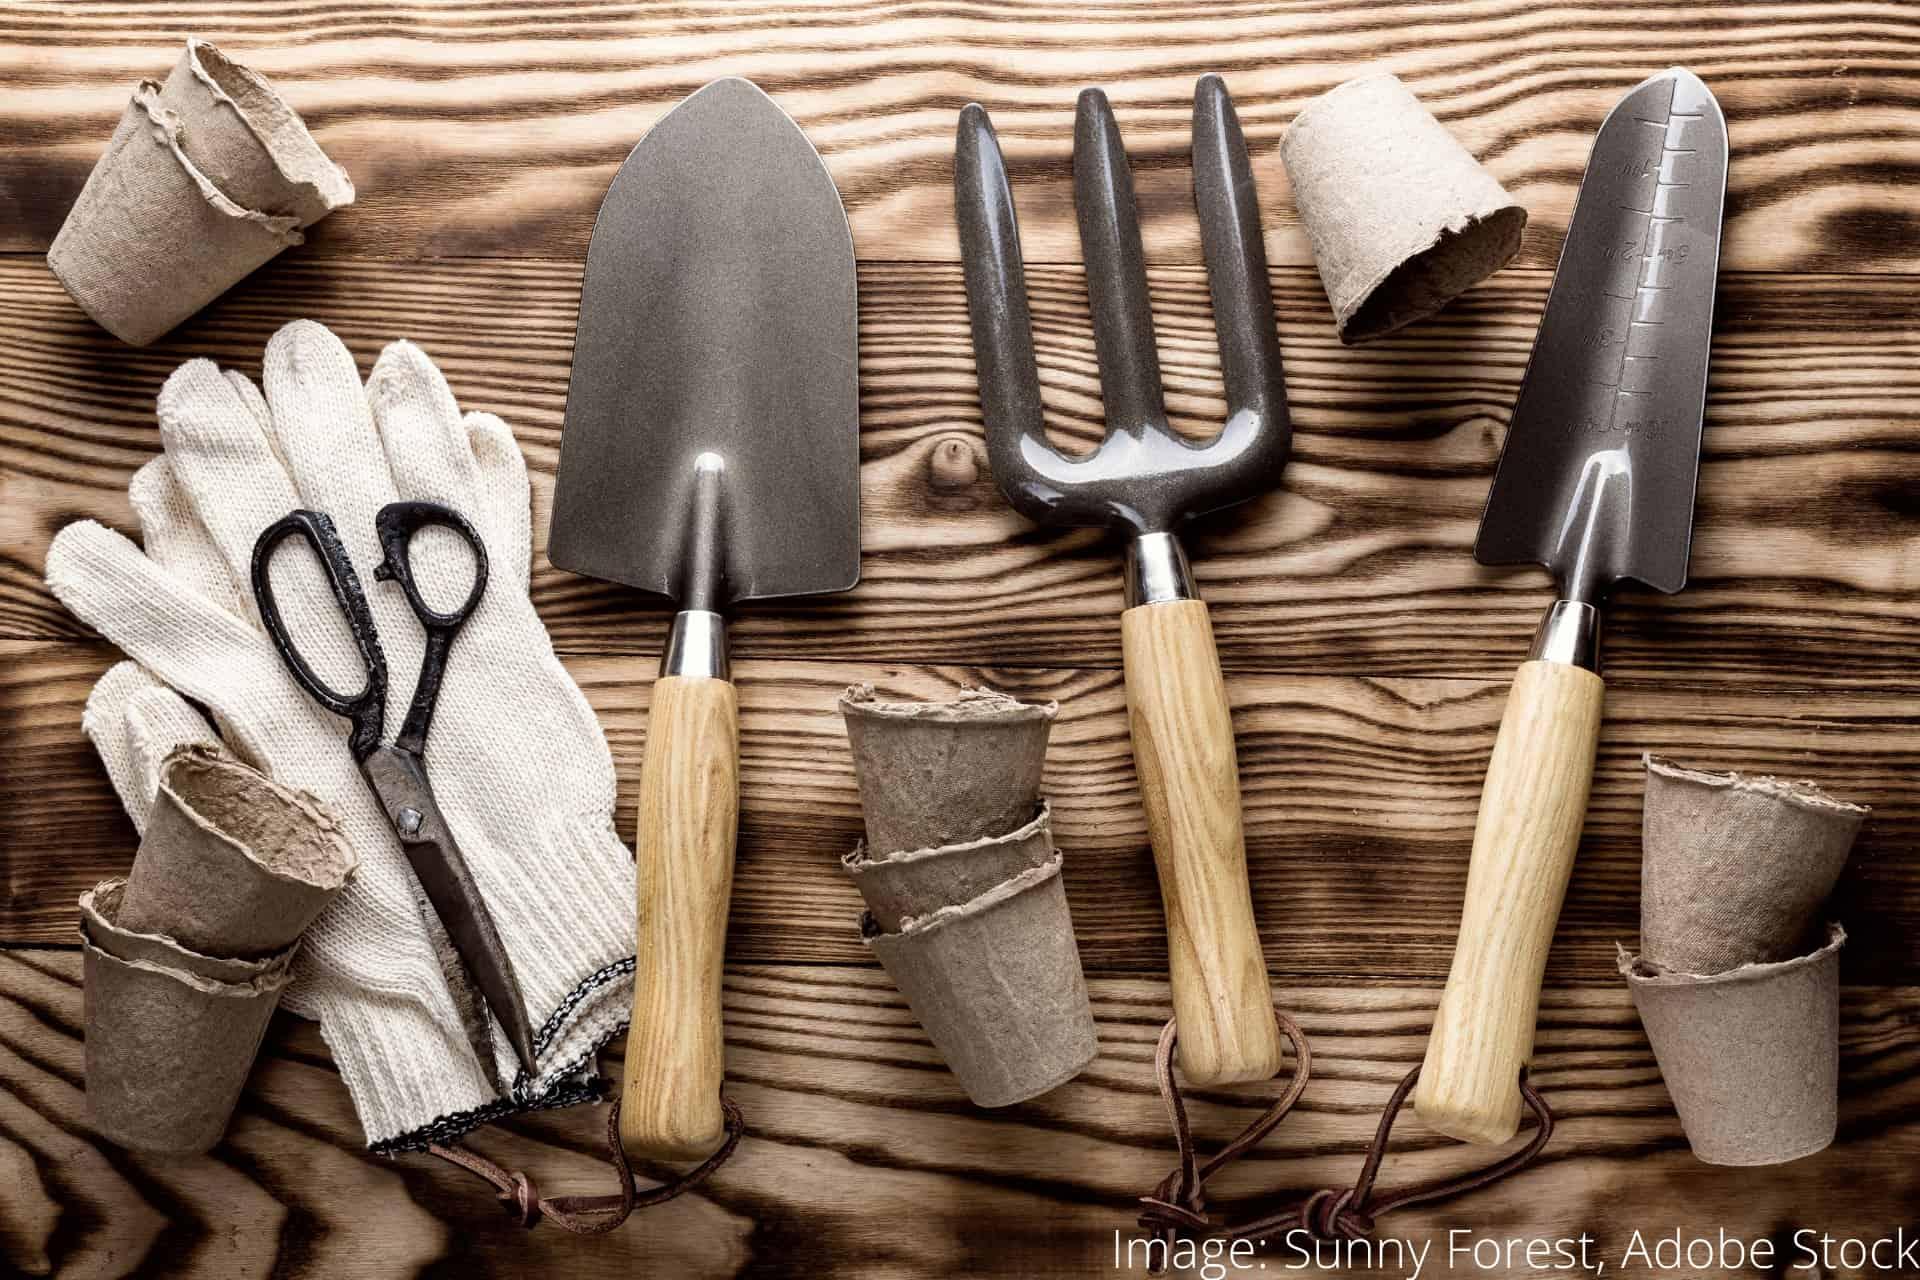 Hvordan rengjøre hageredskap